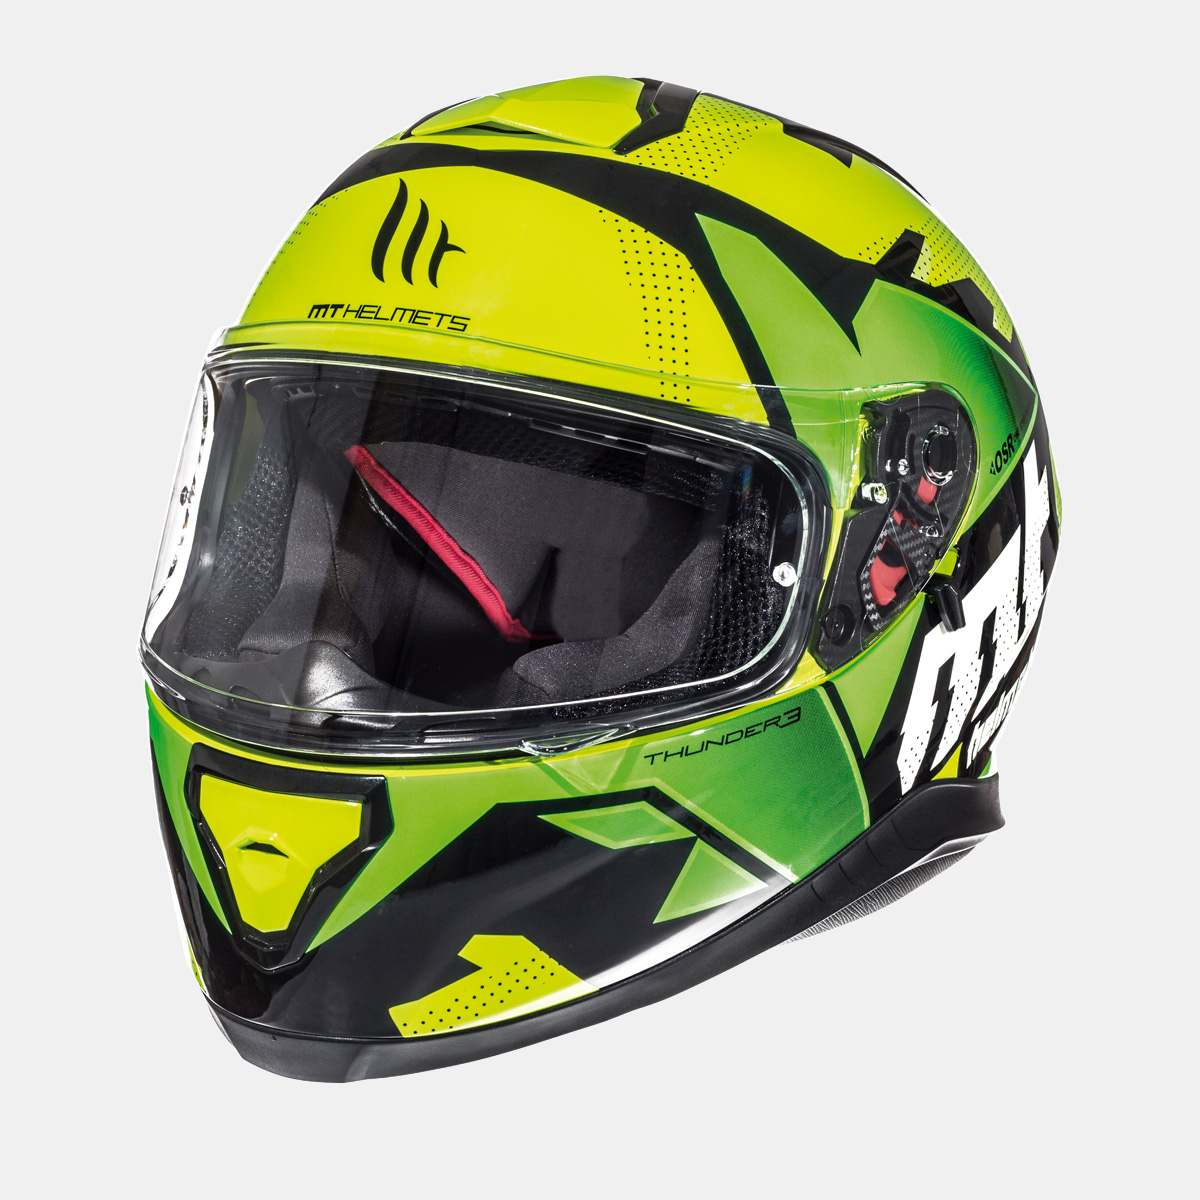 Integrální přilba na motorku MT Thunder 3 SV Torn fluo žluto-zelená